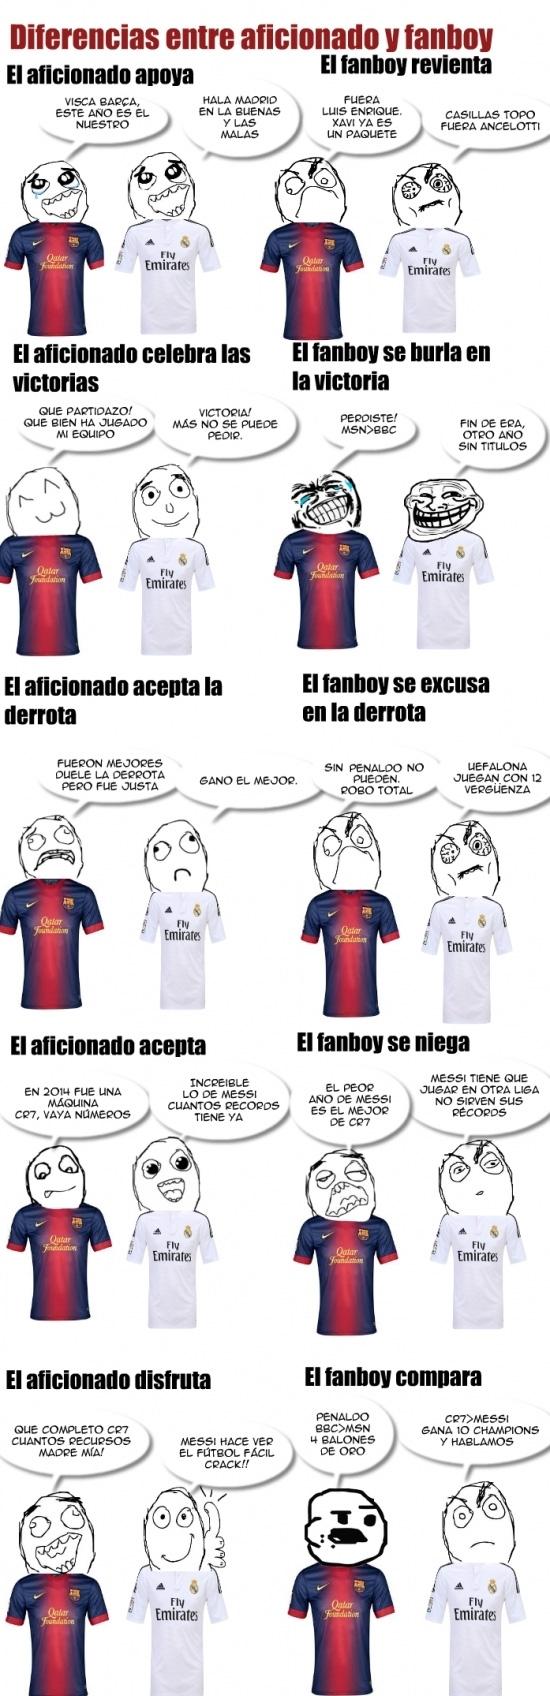 Otros - Diferencias entre aficionados y fanboys del fútbol